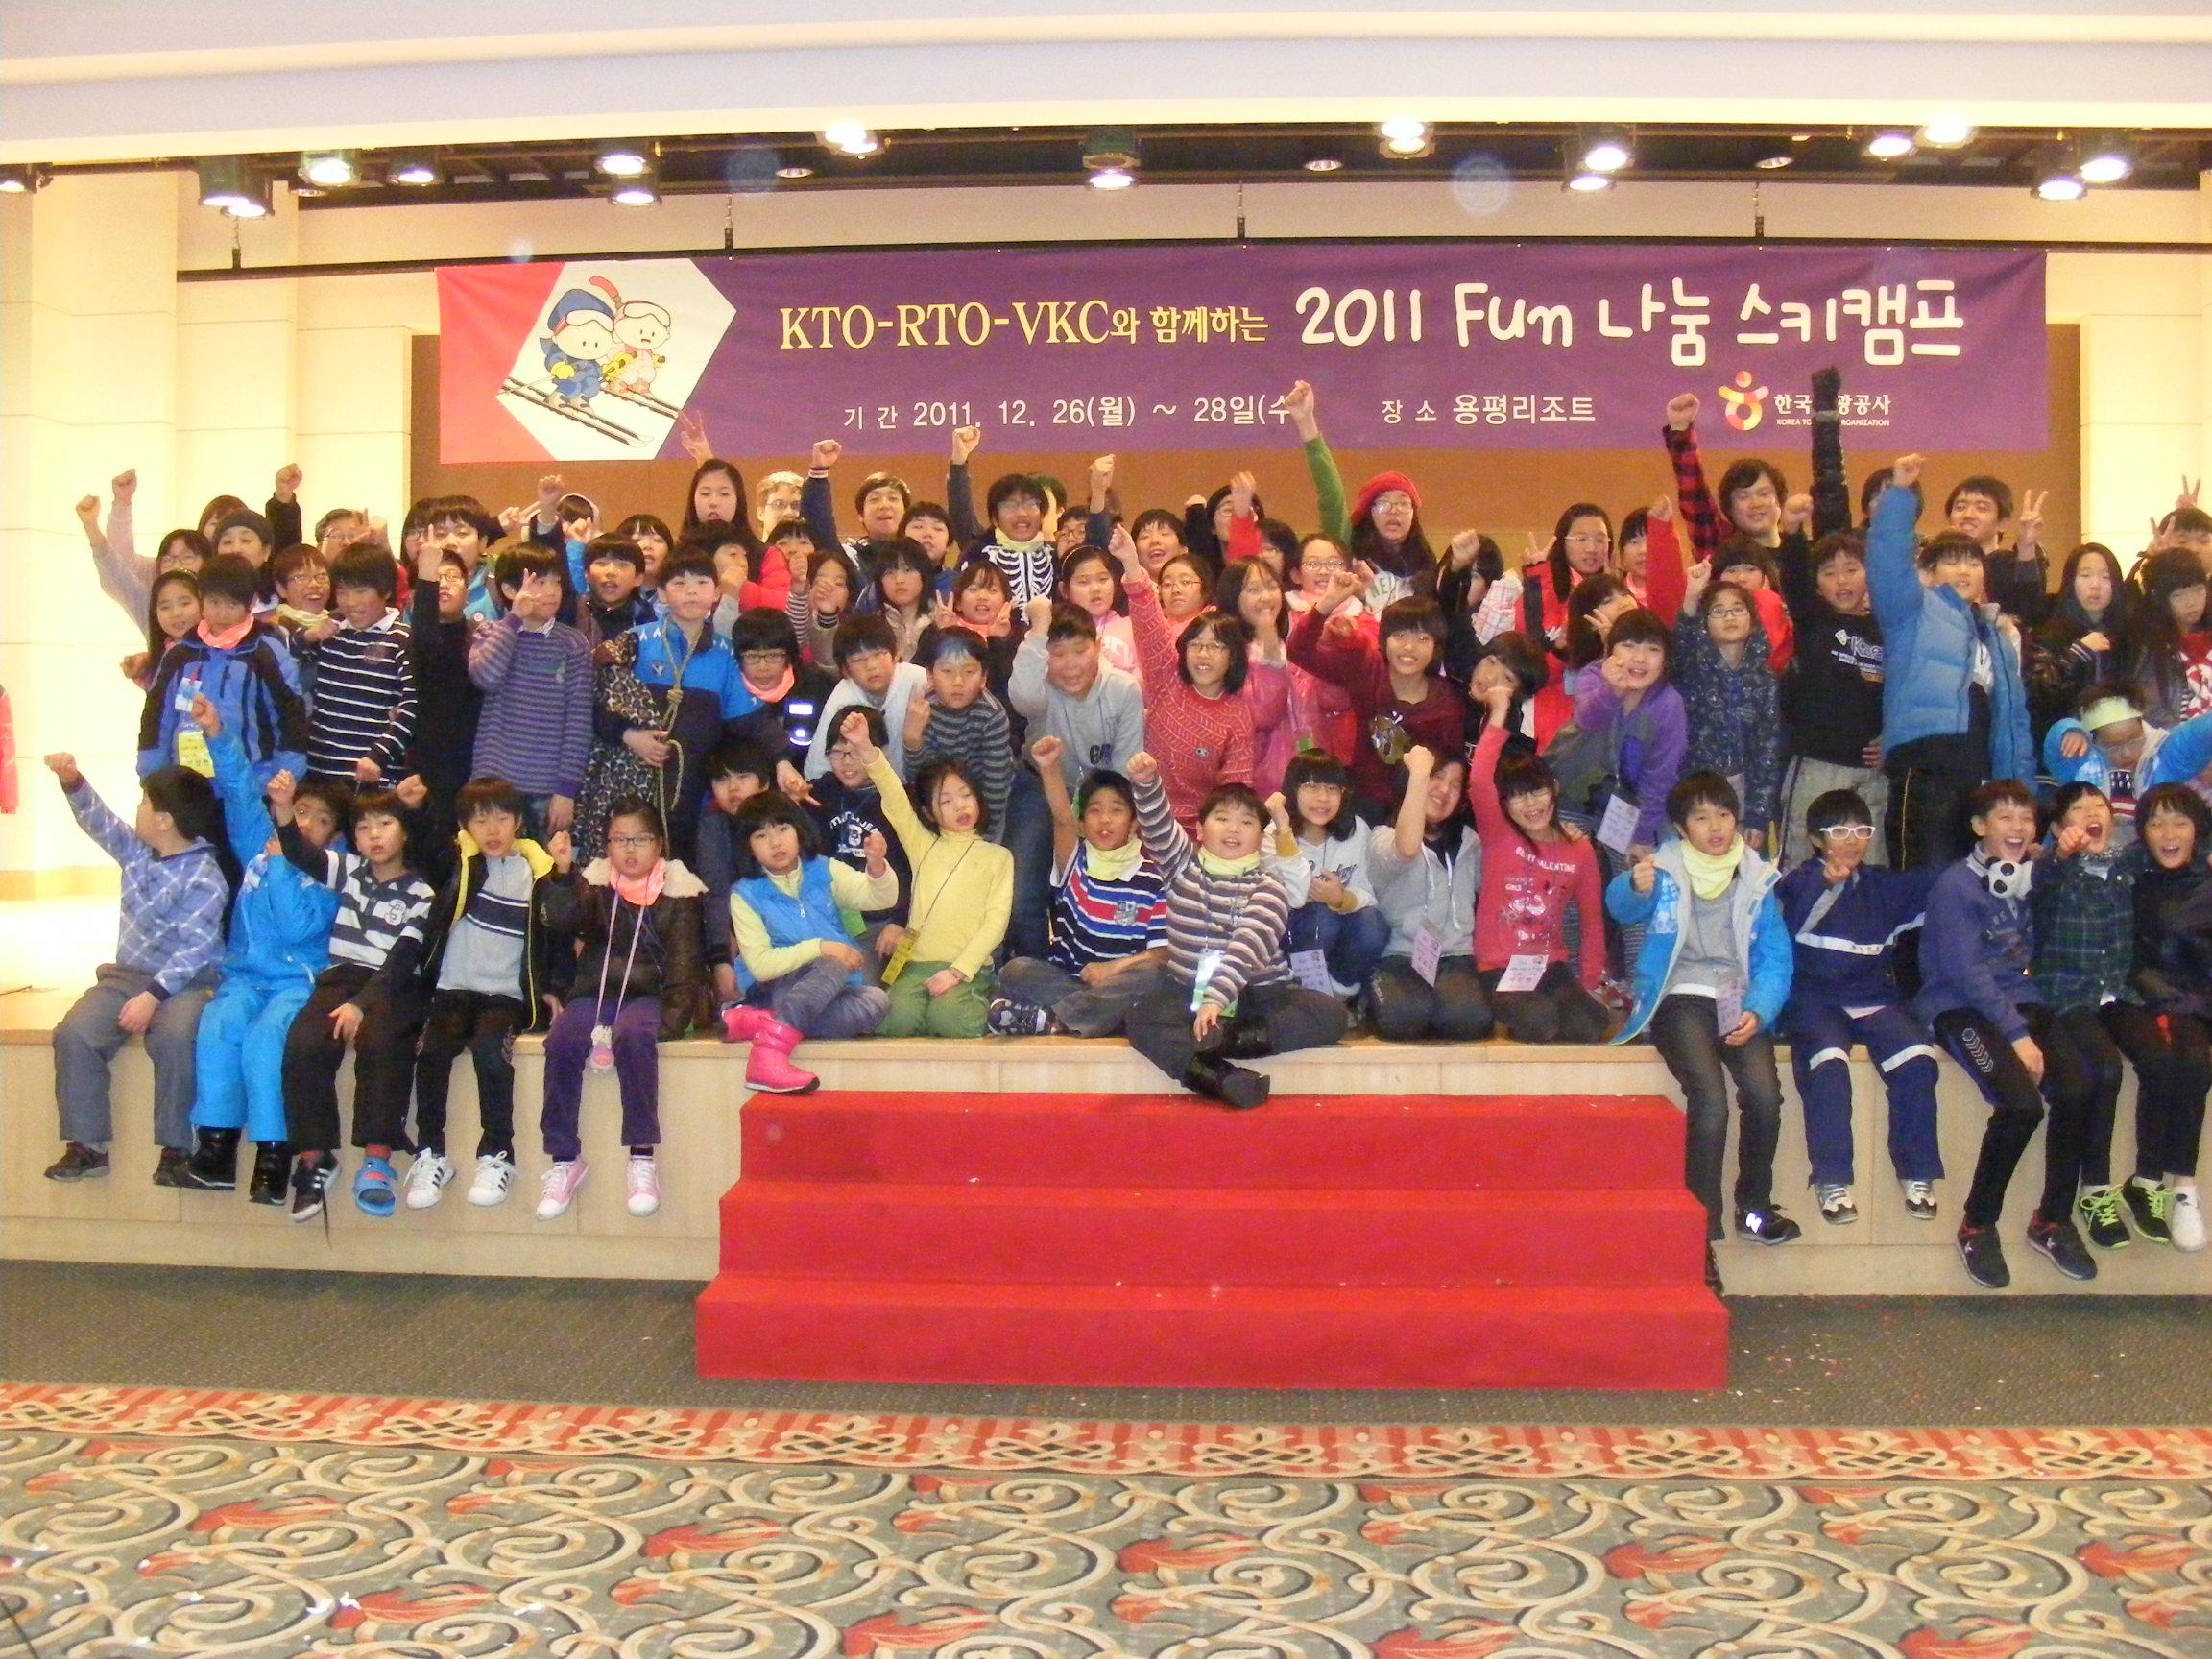 [큰이미지]스키캠프 참가 어린이들 단체 사진